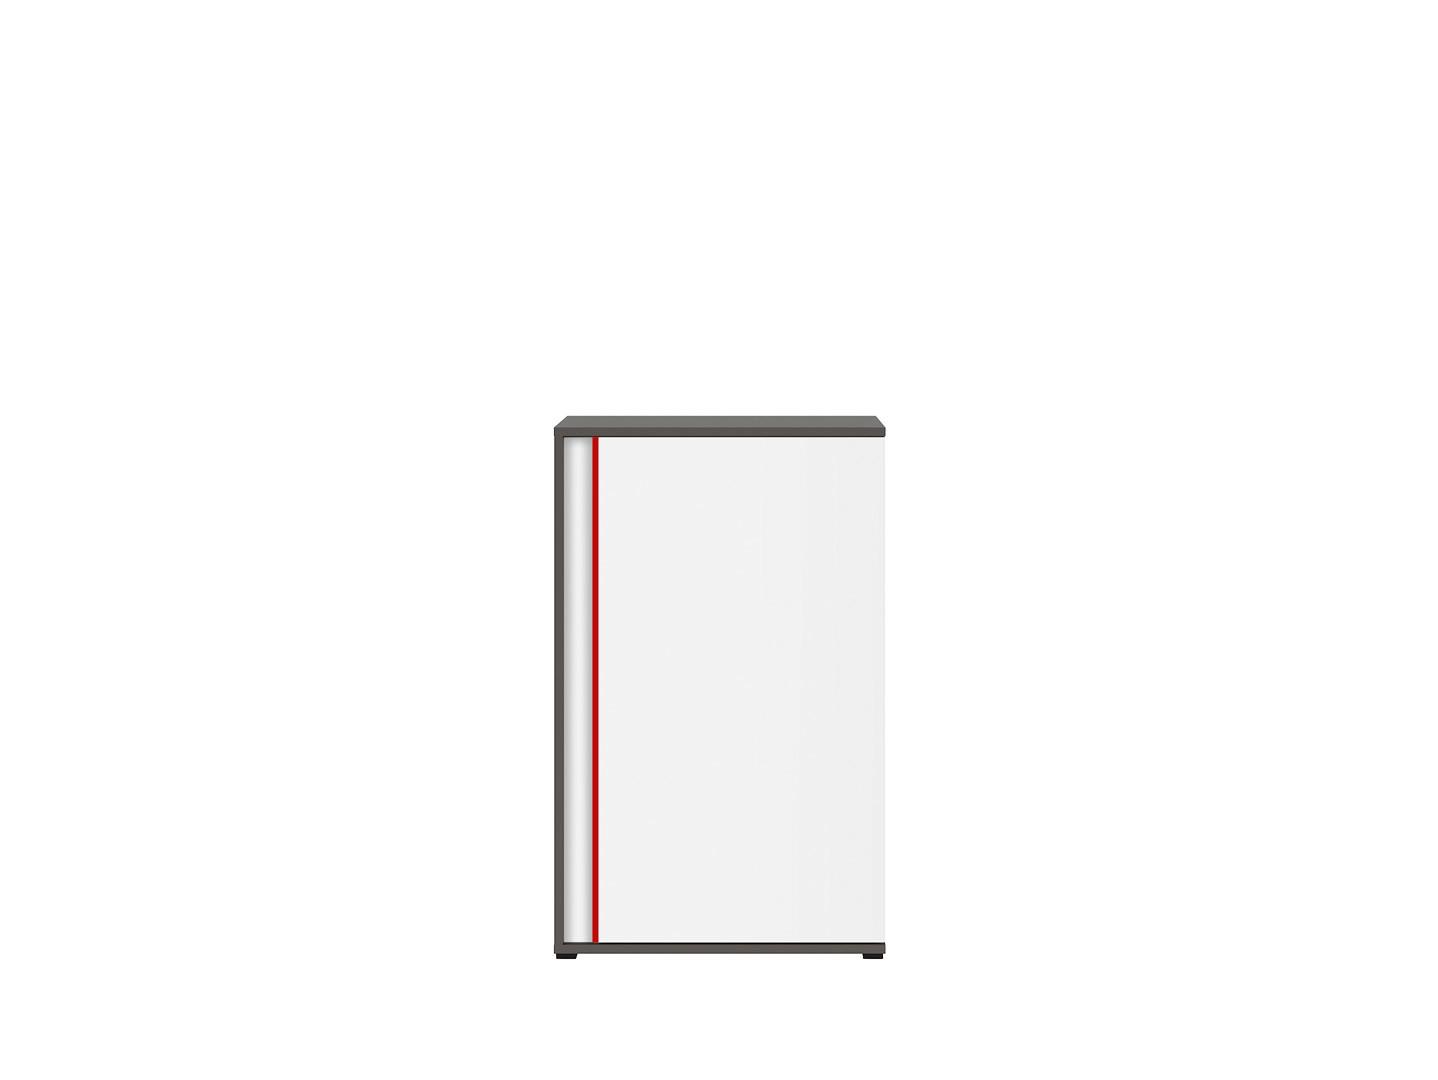 Skrinka GRAPHIC KOM1DP/B sivý wolfram/biely/červený